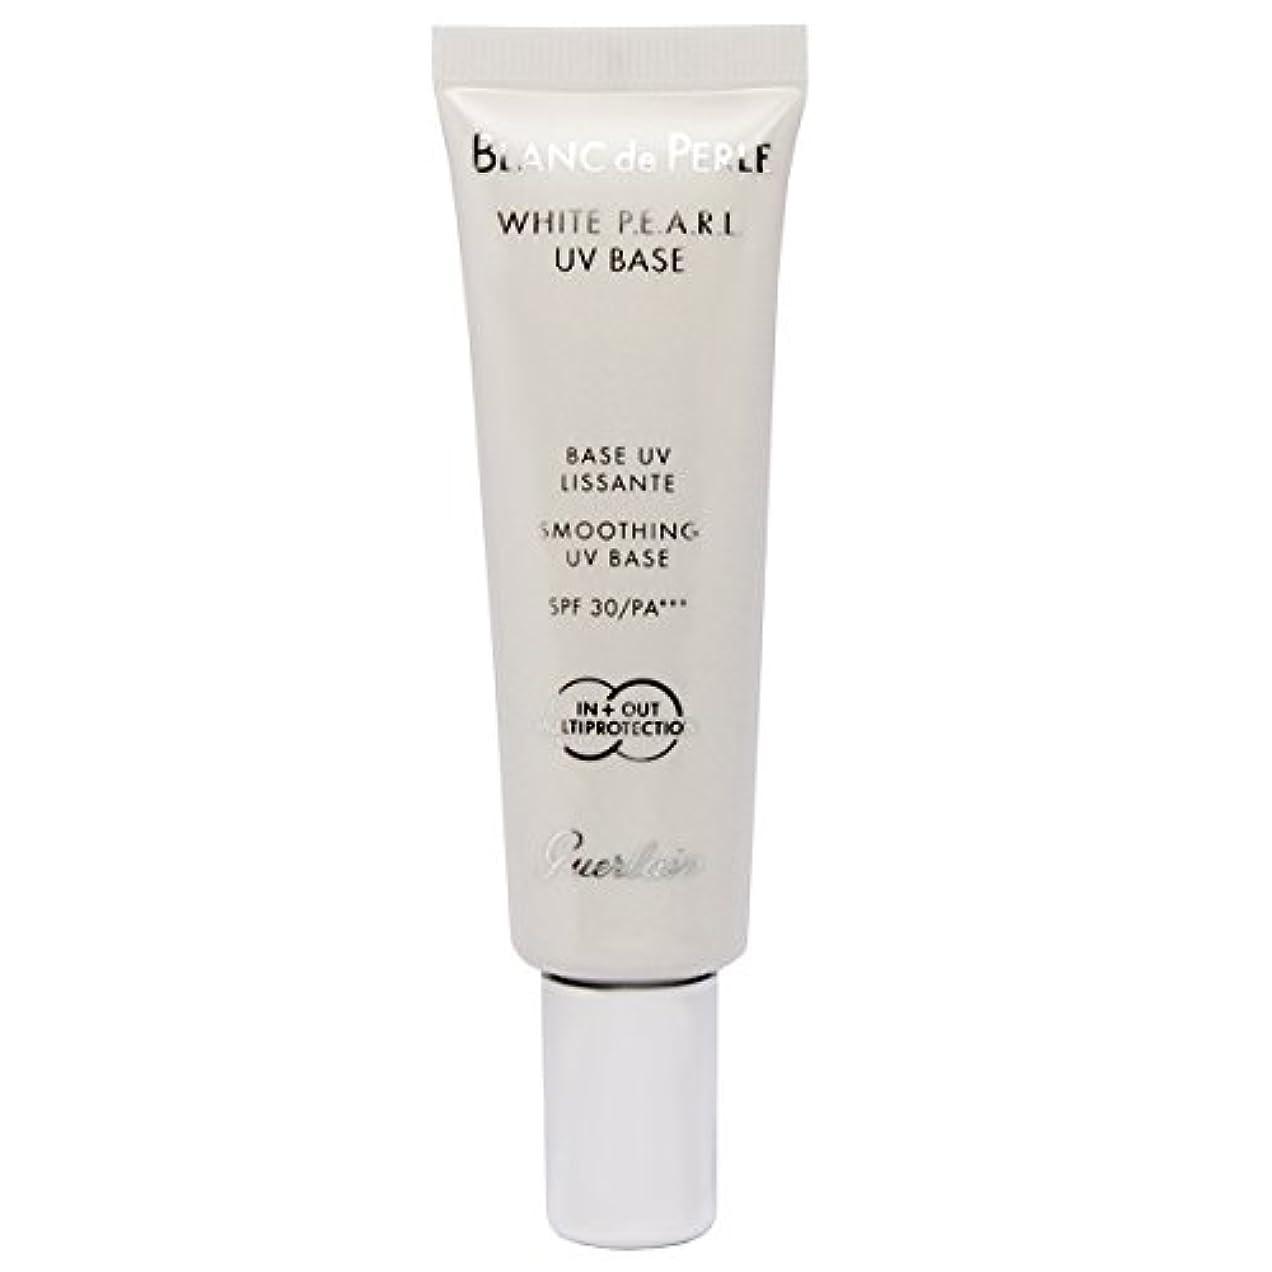 【ゲラン】ペルル ブラン UV ベース ホワイト 30ml [並行輸入品]